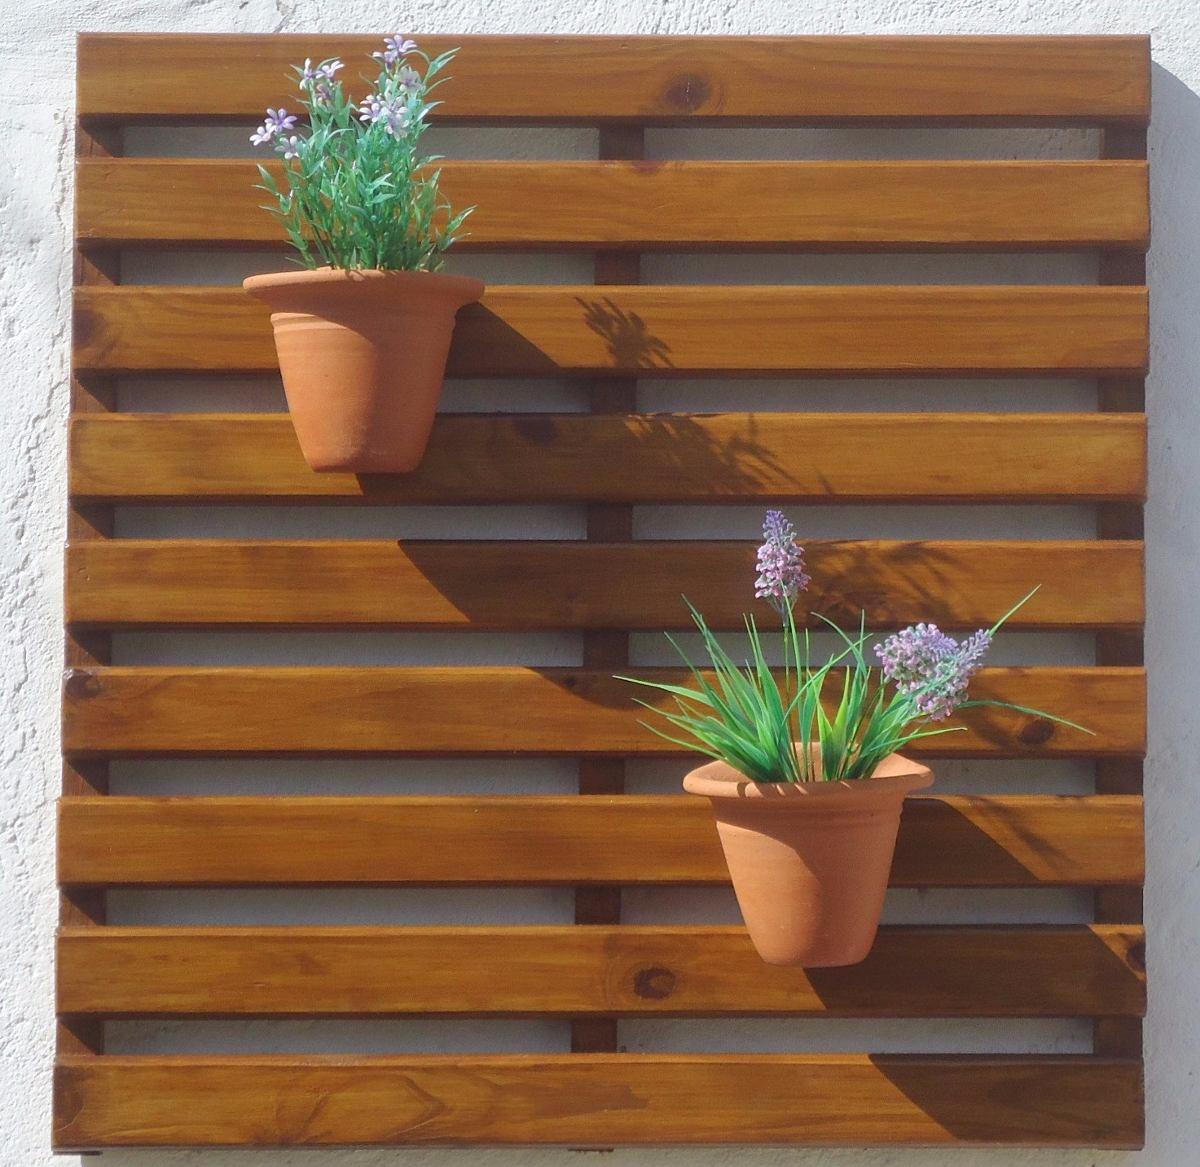 jardim vertical venda:Painel De Madeira Para Jardim Vertical – 75 X 71 Cm – R$ 79,80 em